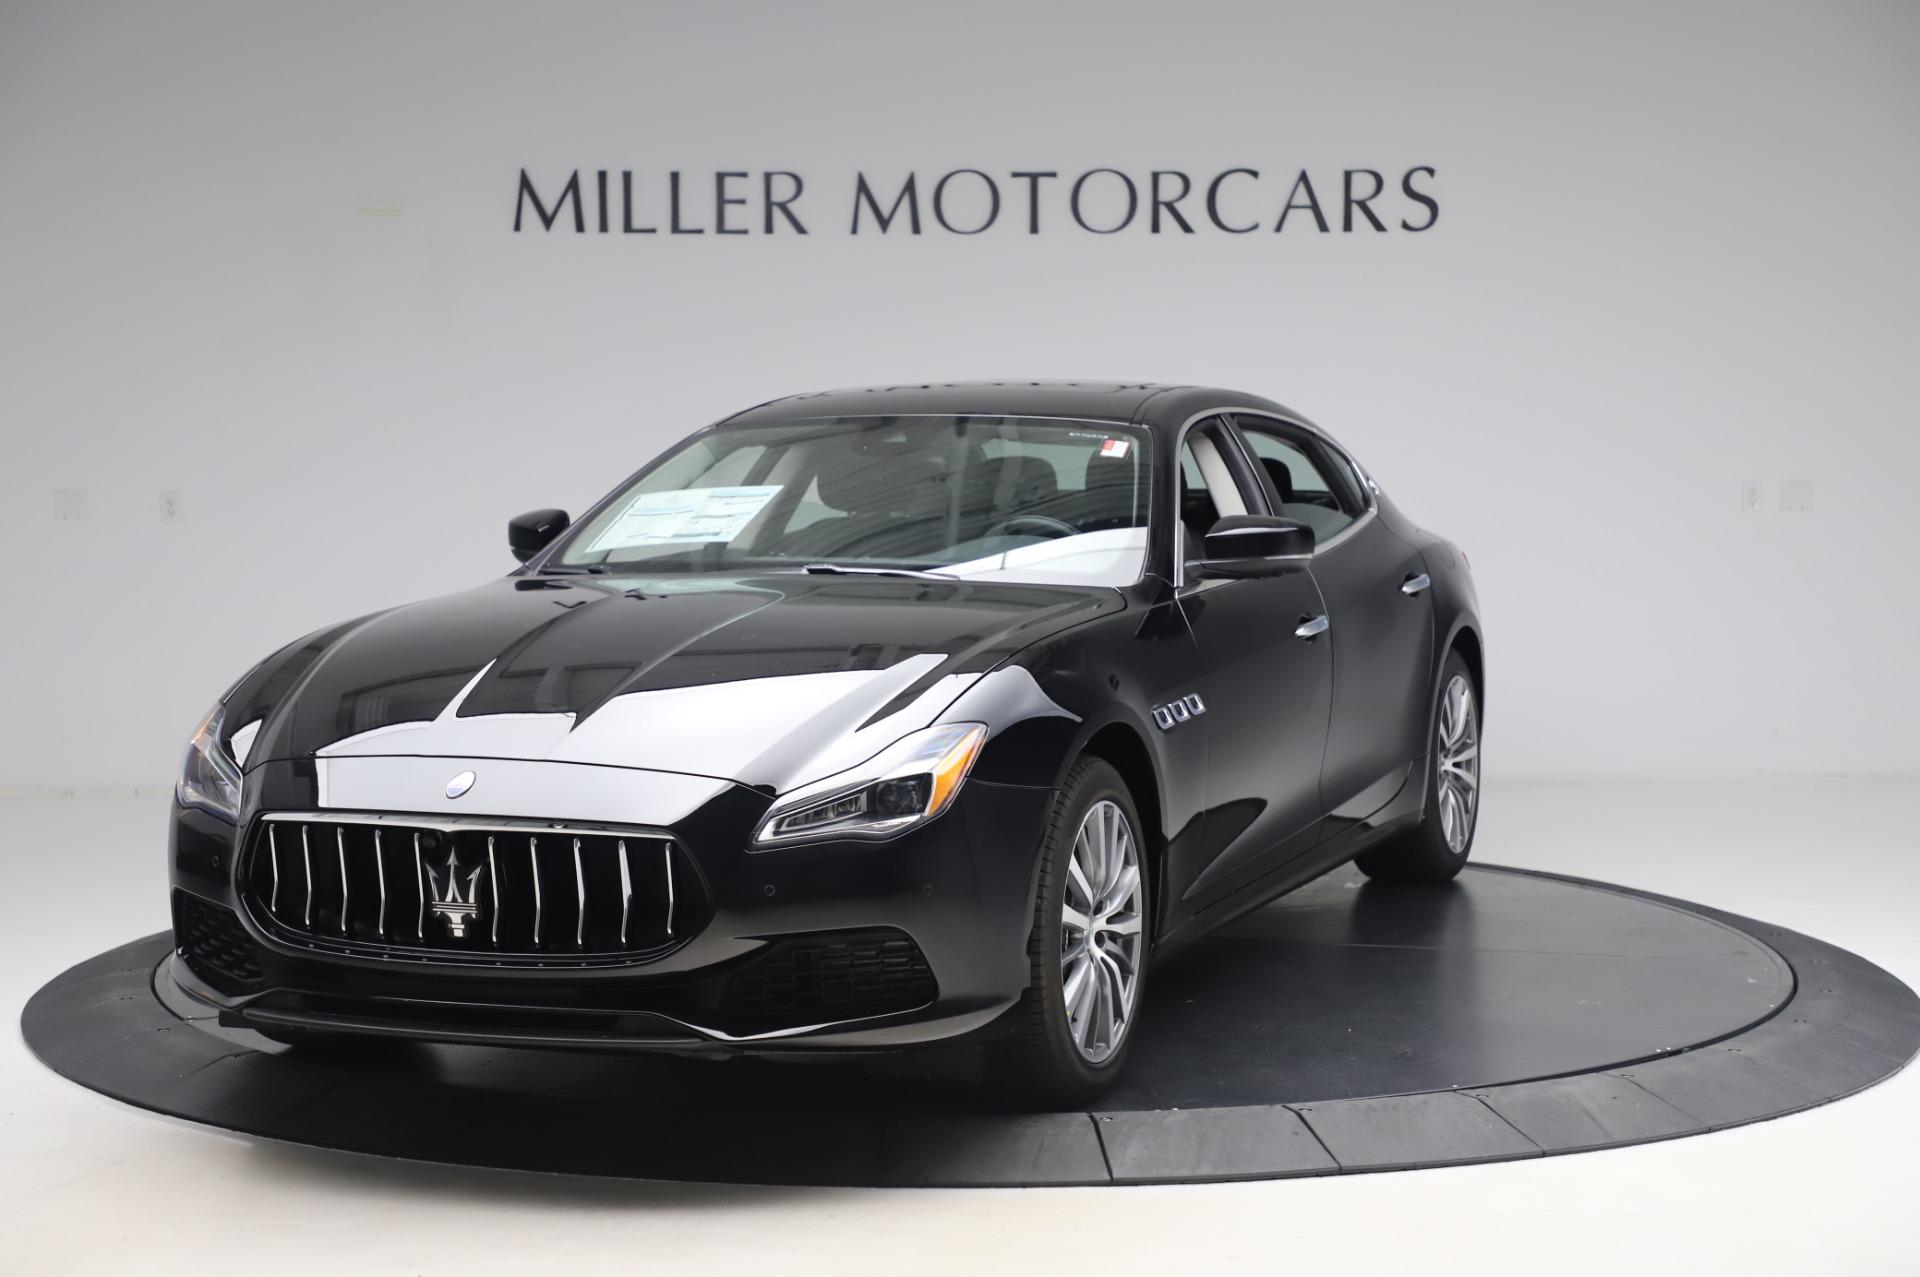 New 2020 Maserati Quattroporte S Q4 for sale $110,999 at McLaren Greenwich in Greenwich CT 06830 1